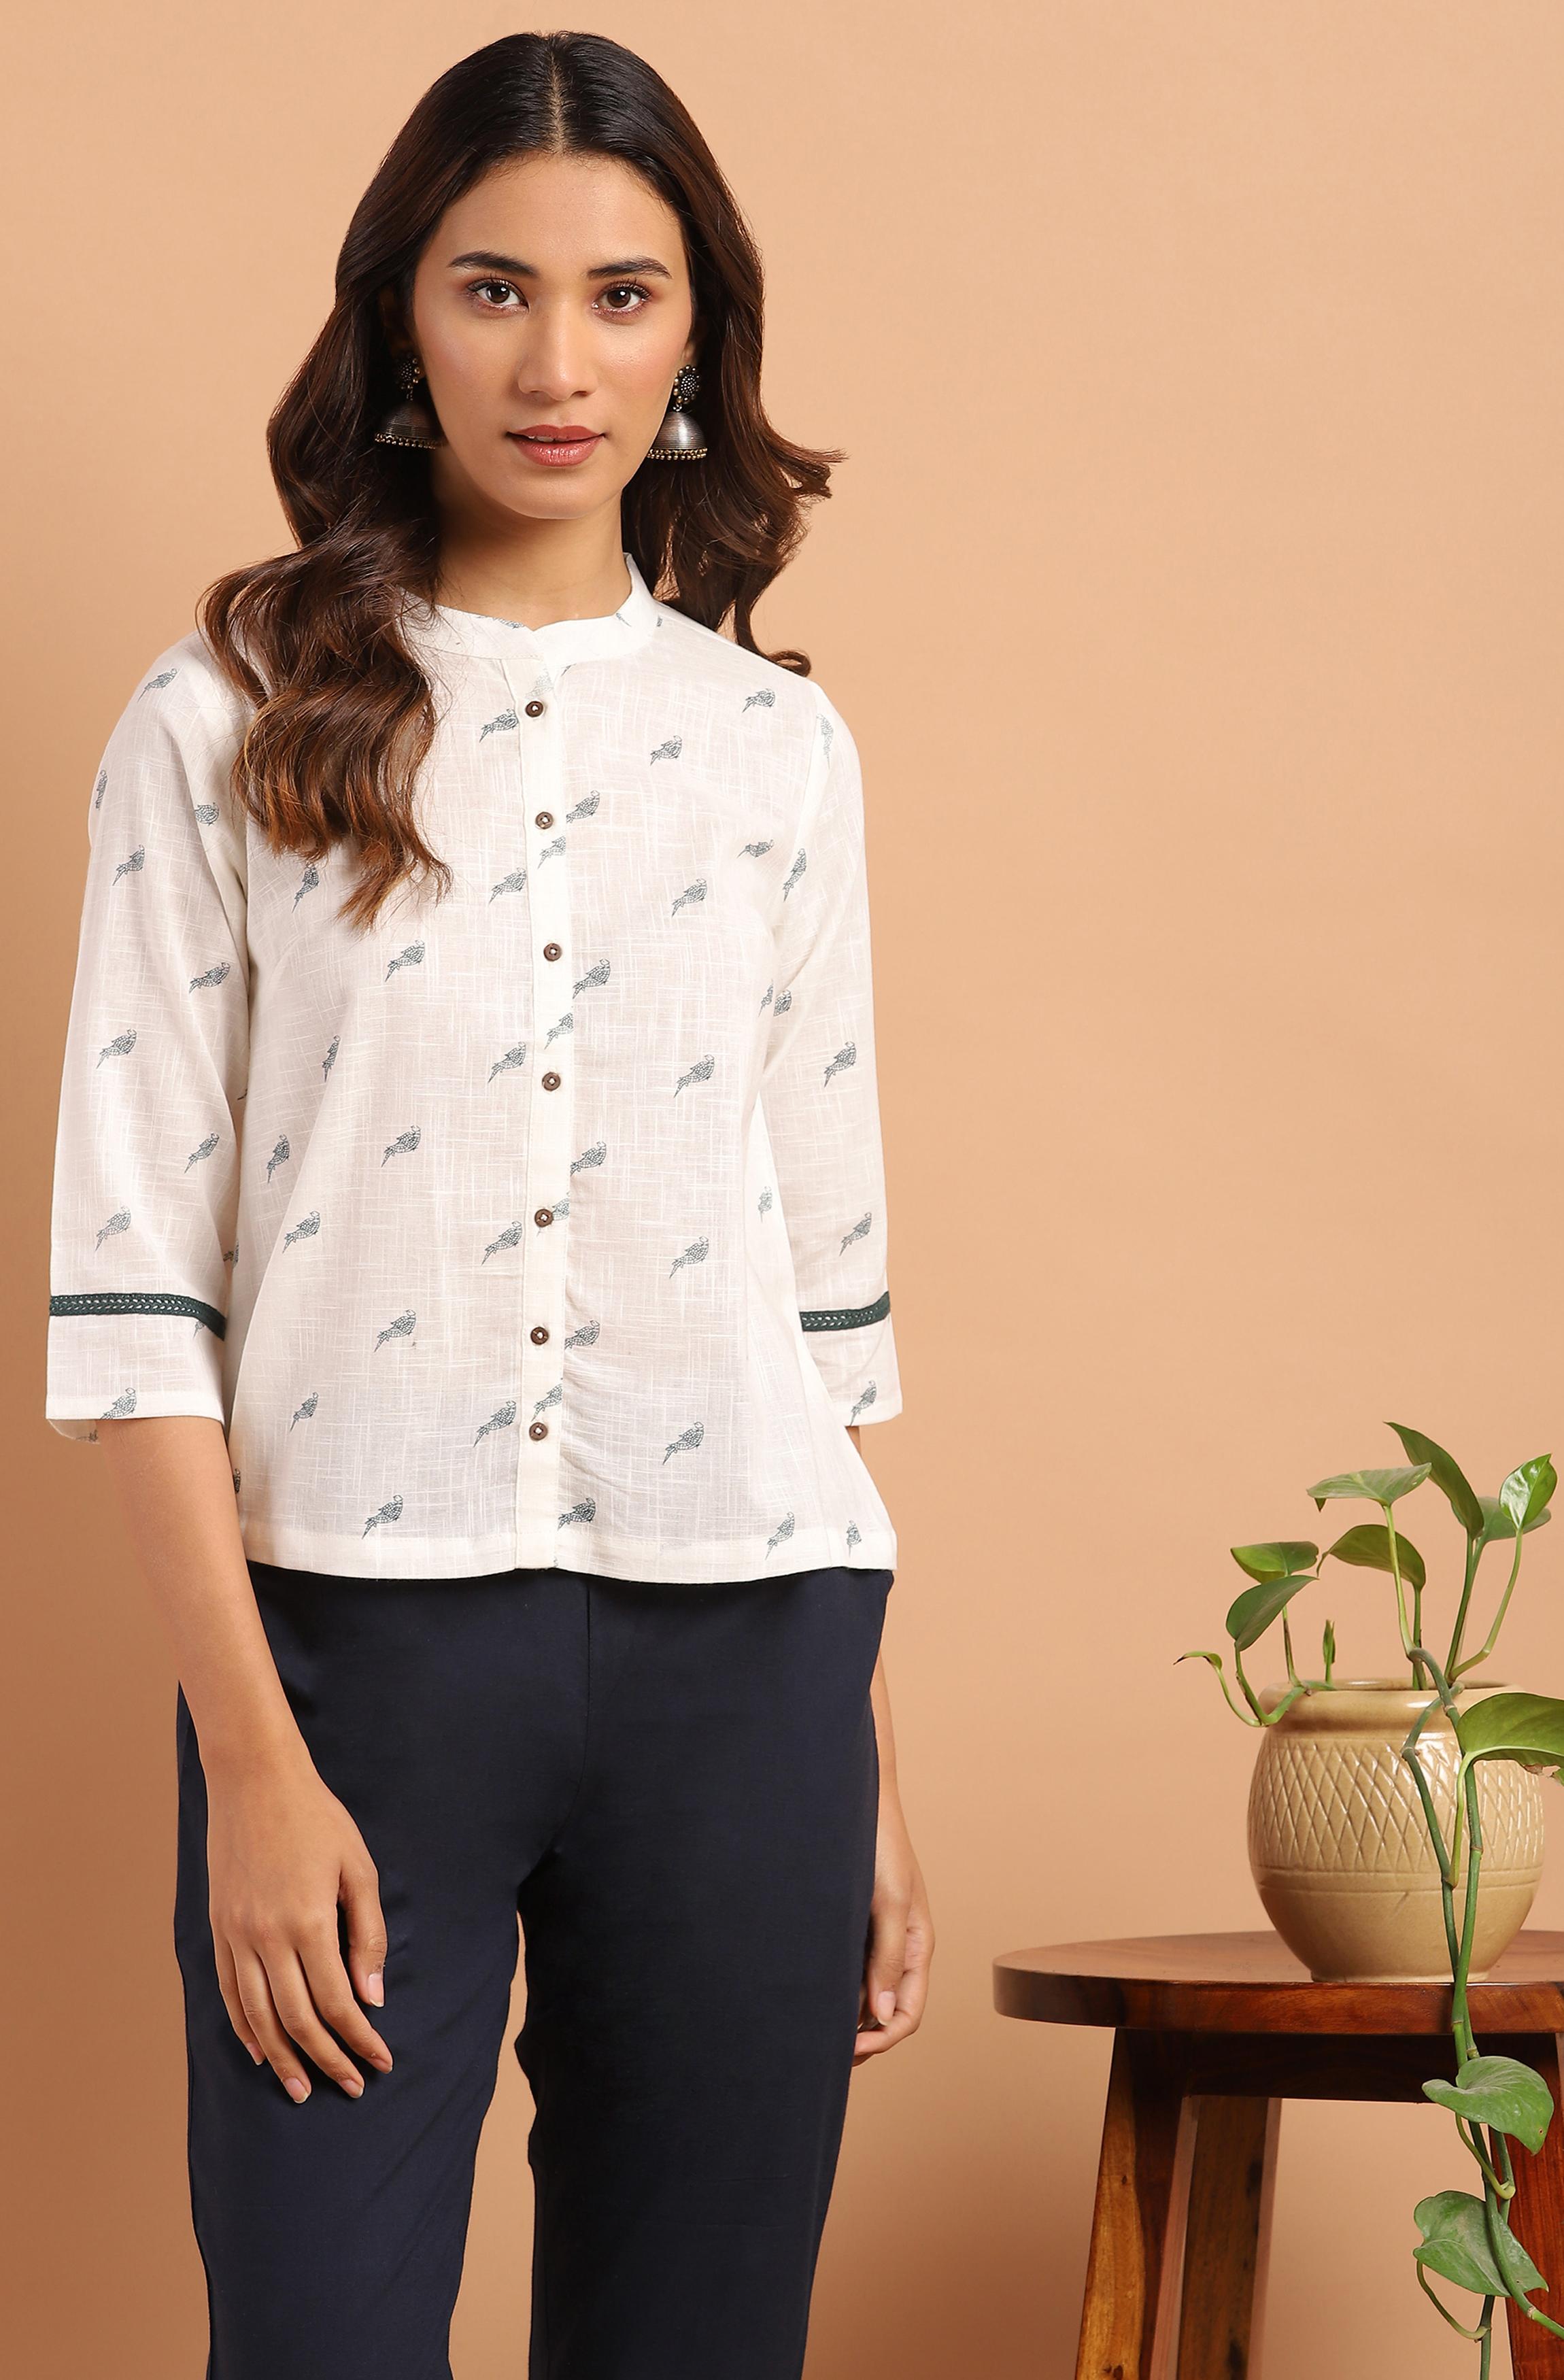 Janasya   Janasya Women's Off White Cotton Slub Top